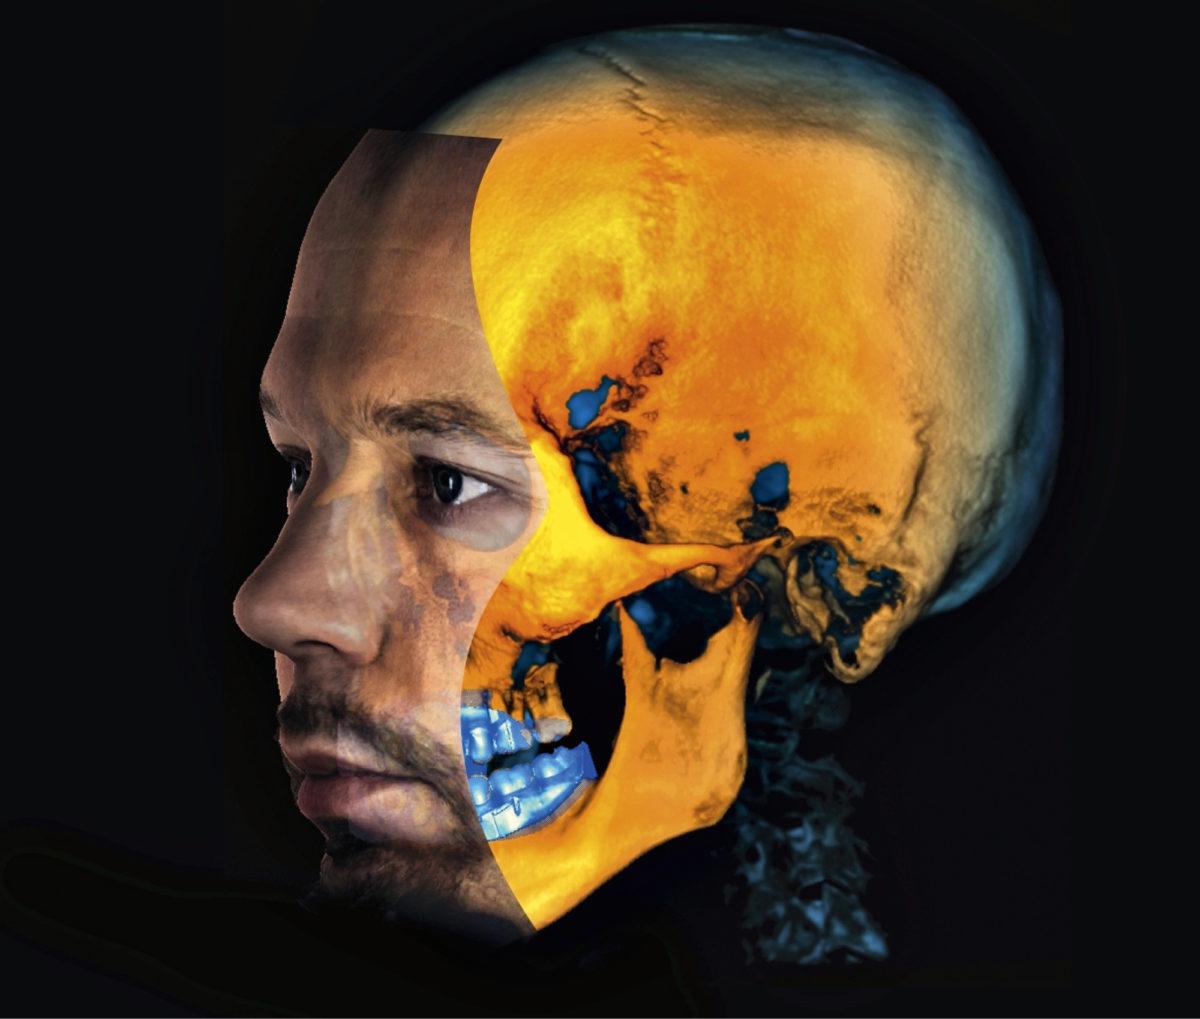 Planmecan kuvantamisjärjestelmiin kuuluvat röntgenkuvaus, laserskannaus ja kolmiulotteinen pintakudoksen valokuvaus. Yhdistelmän avulla hammaslääkäri tai kirurgi voi suunnitella toimenpiteet täsmälleen oikein.